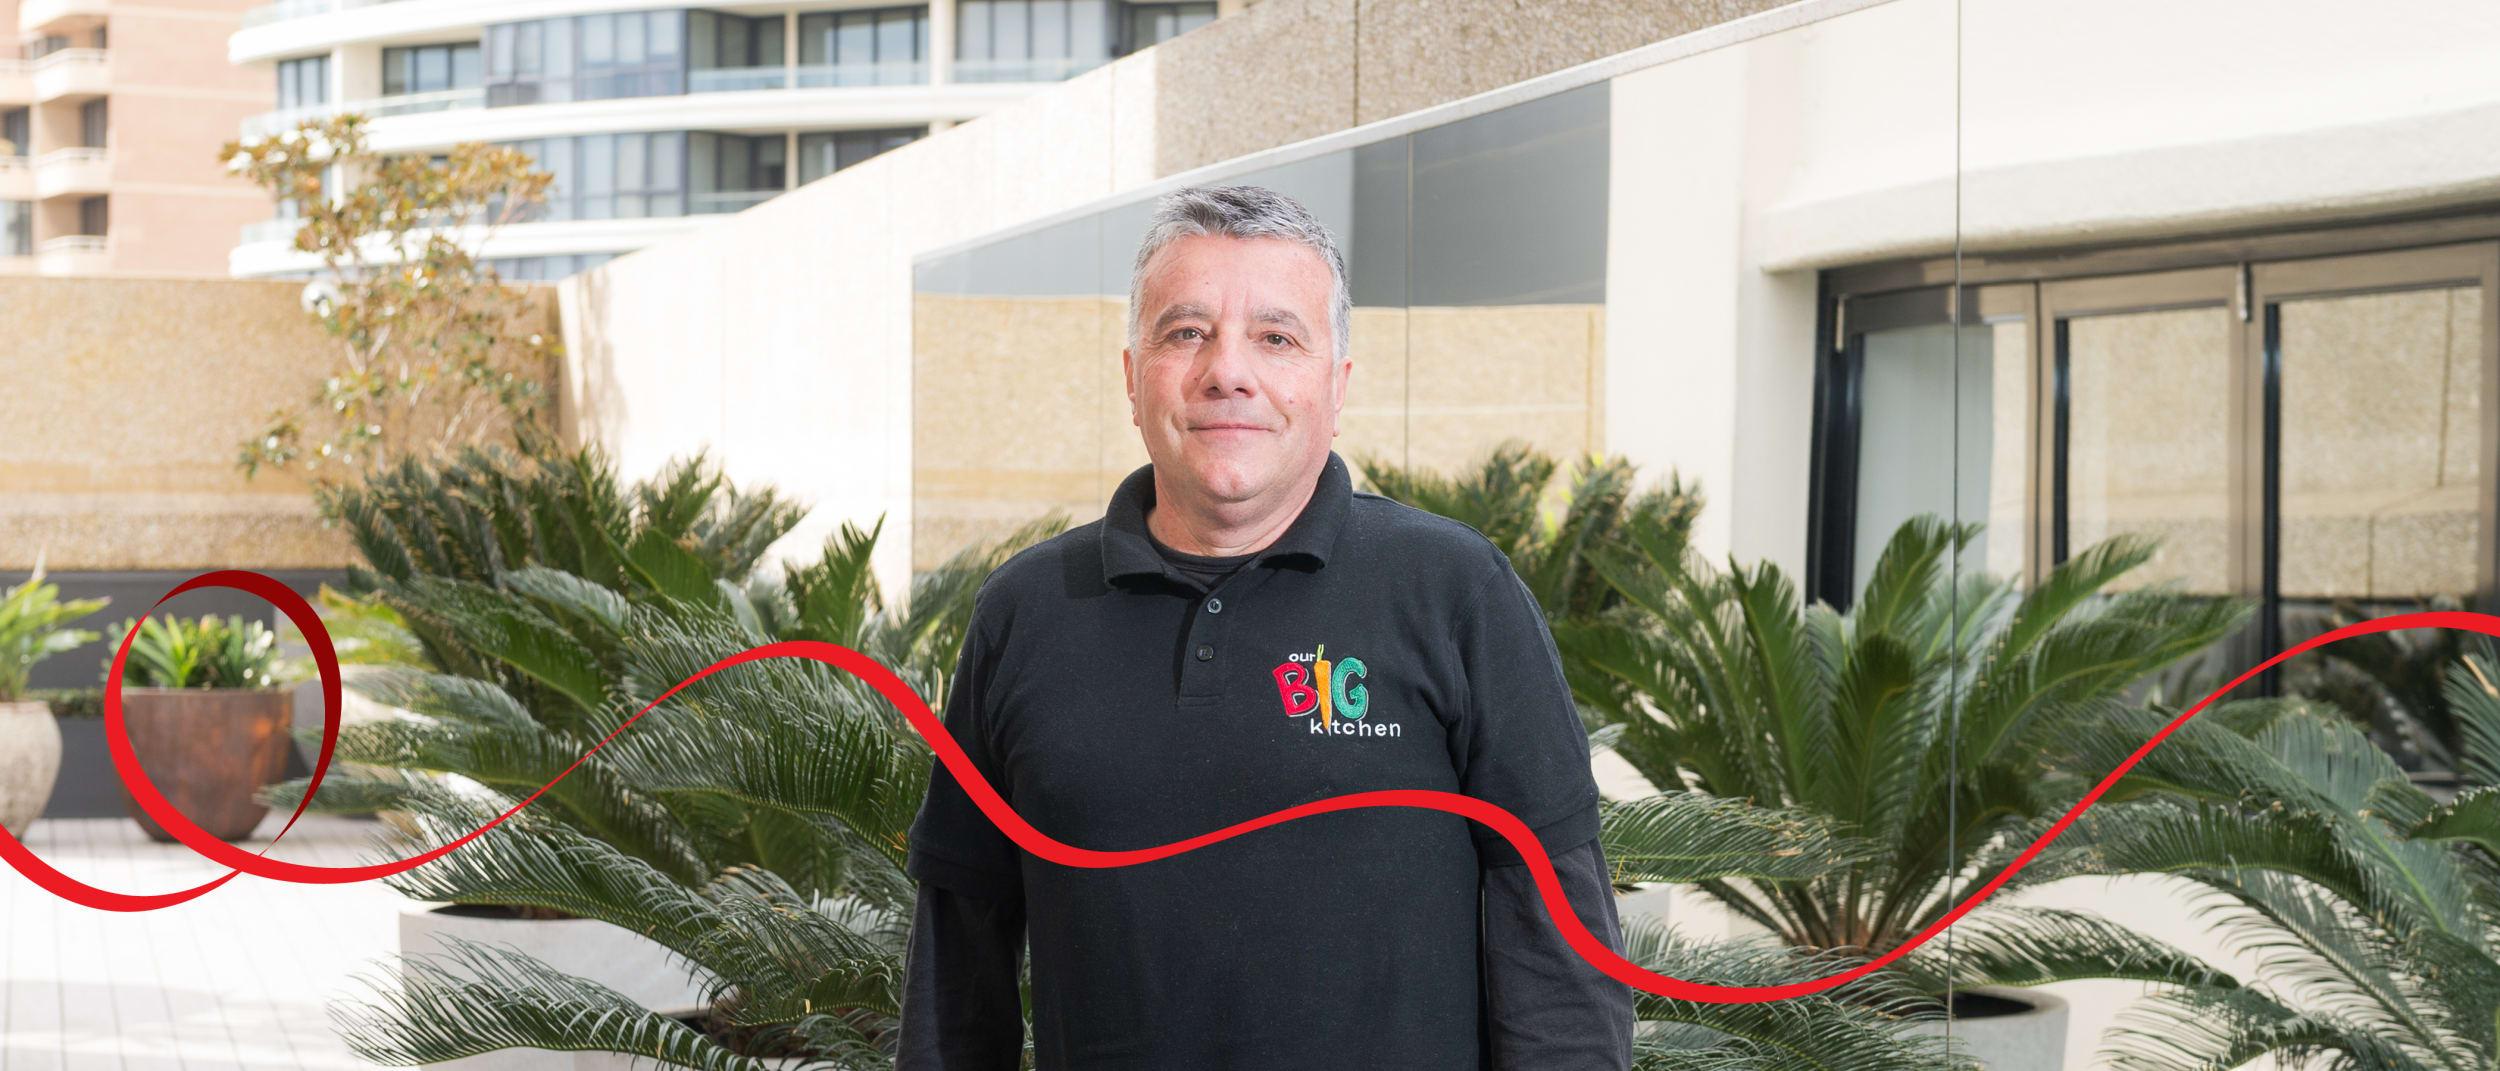 George Karounis: Our Big Kitchen